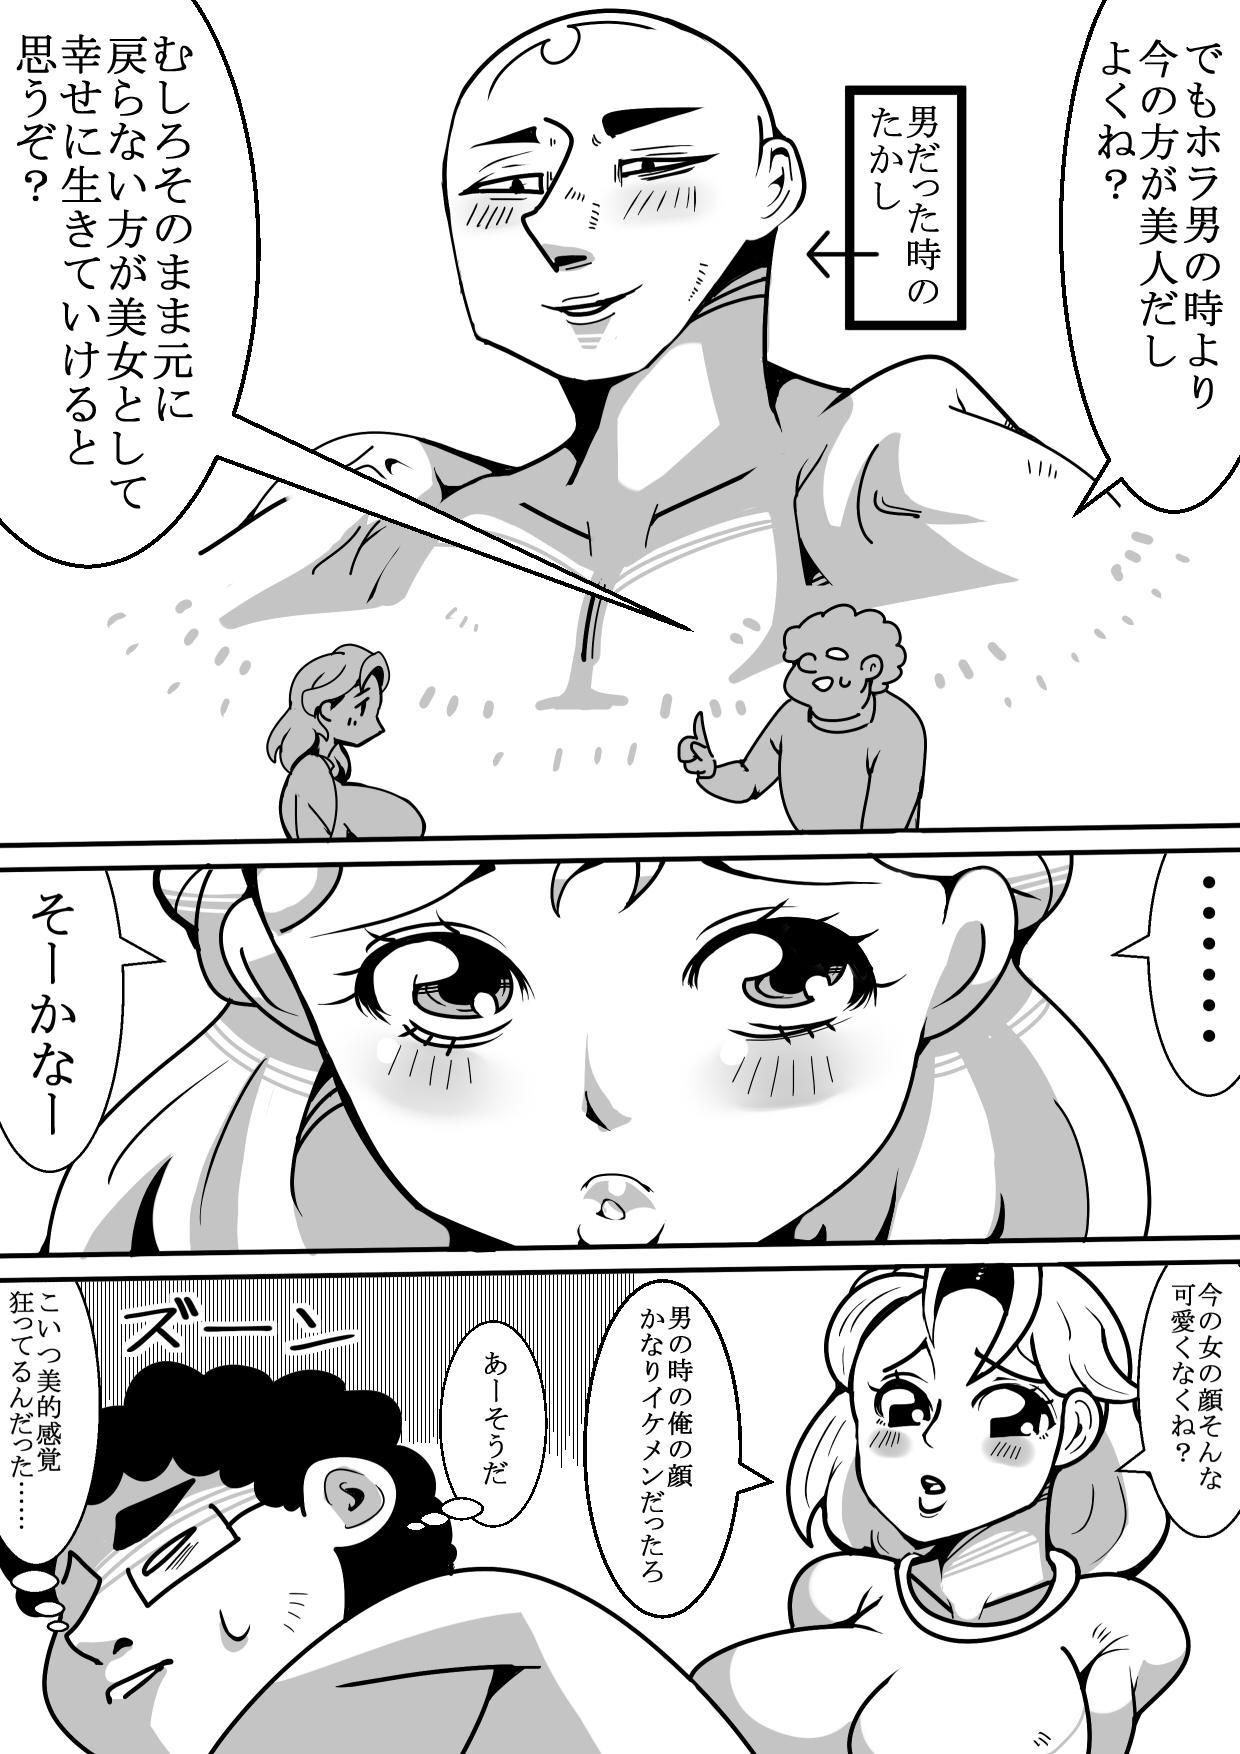 Nyotaika Shita Tomodachi ga Yattekita Hanashi 6